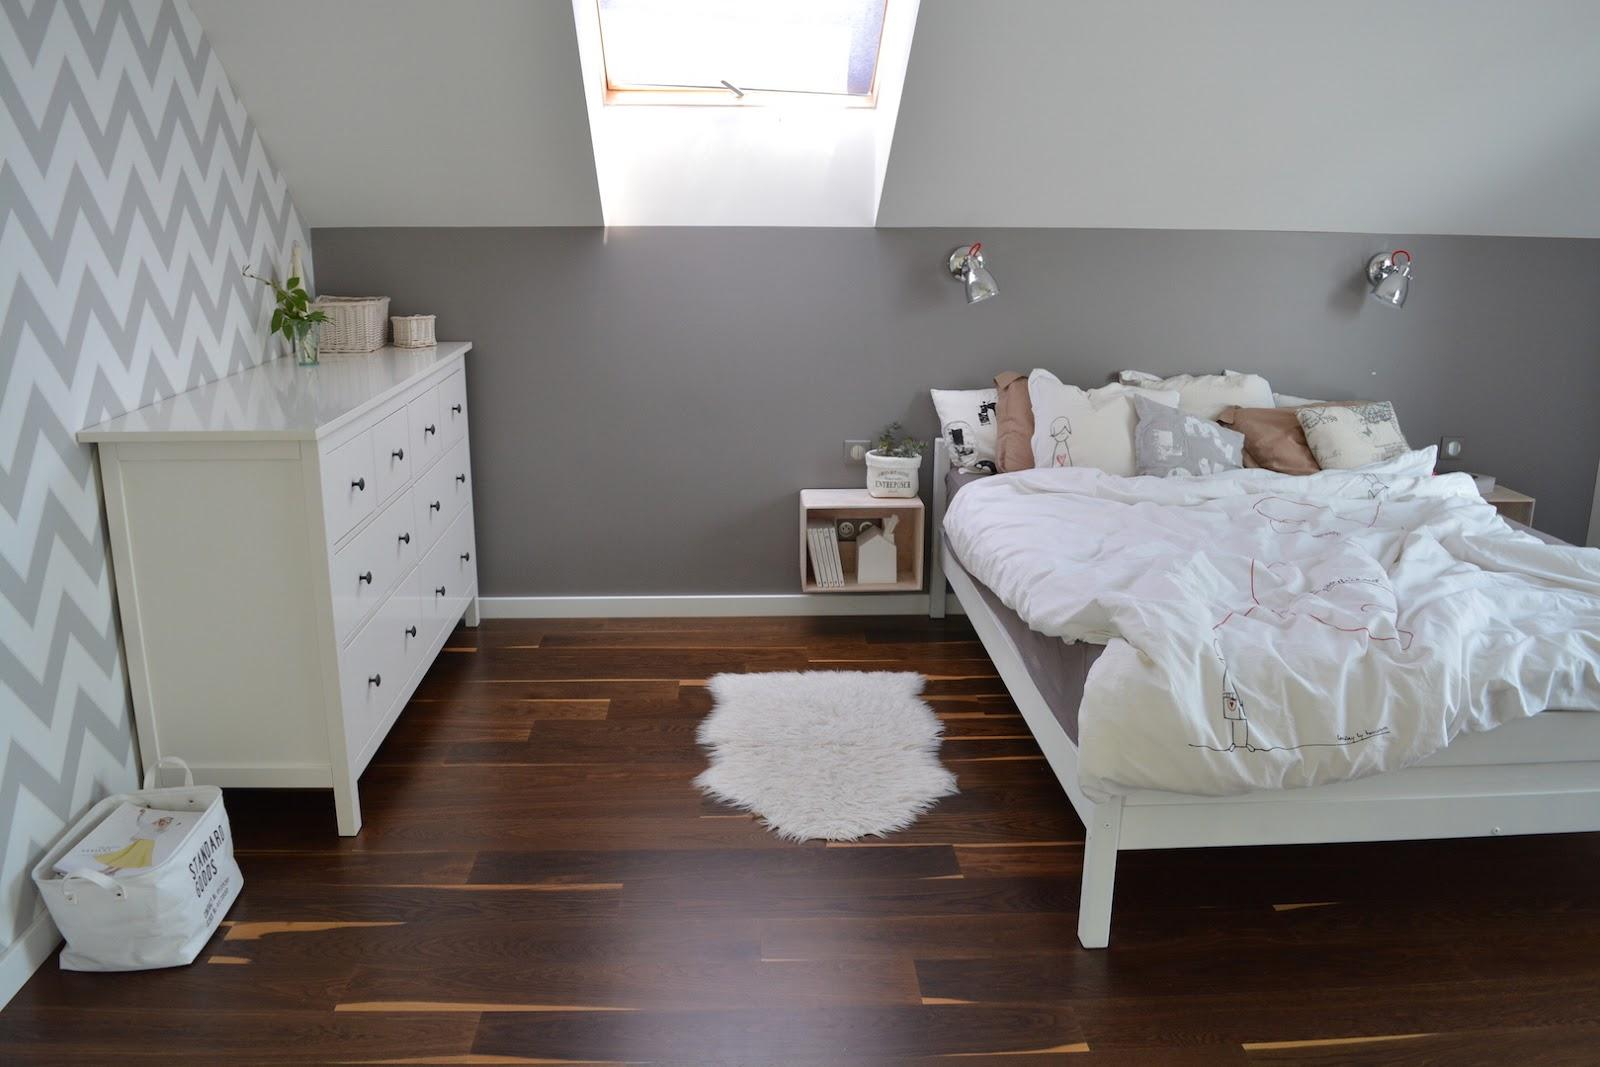 Zmena interiéru spálne | realizácia | tapeta 939435 METROPOLIS - Obrázok č. 11